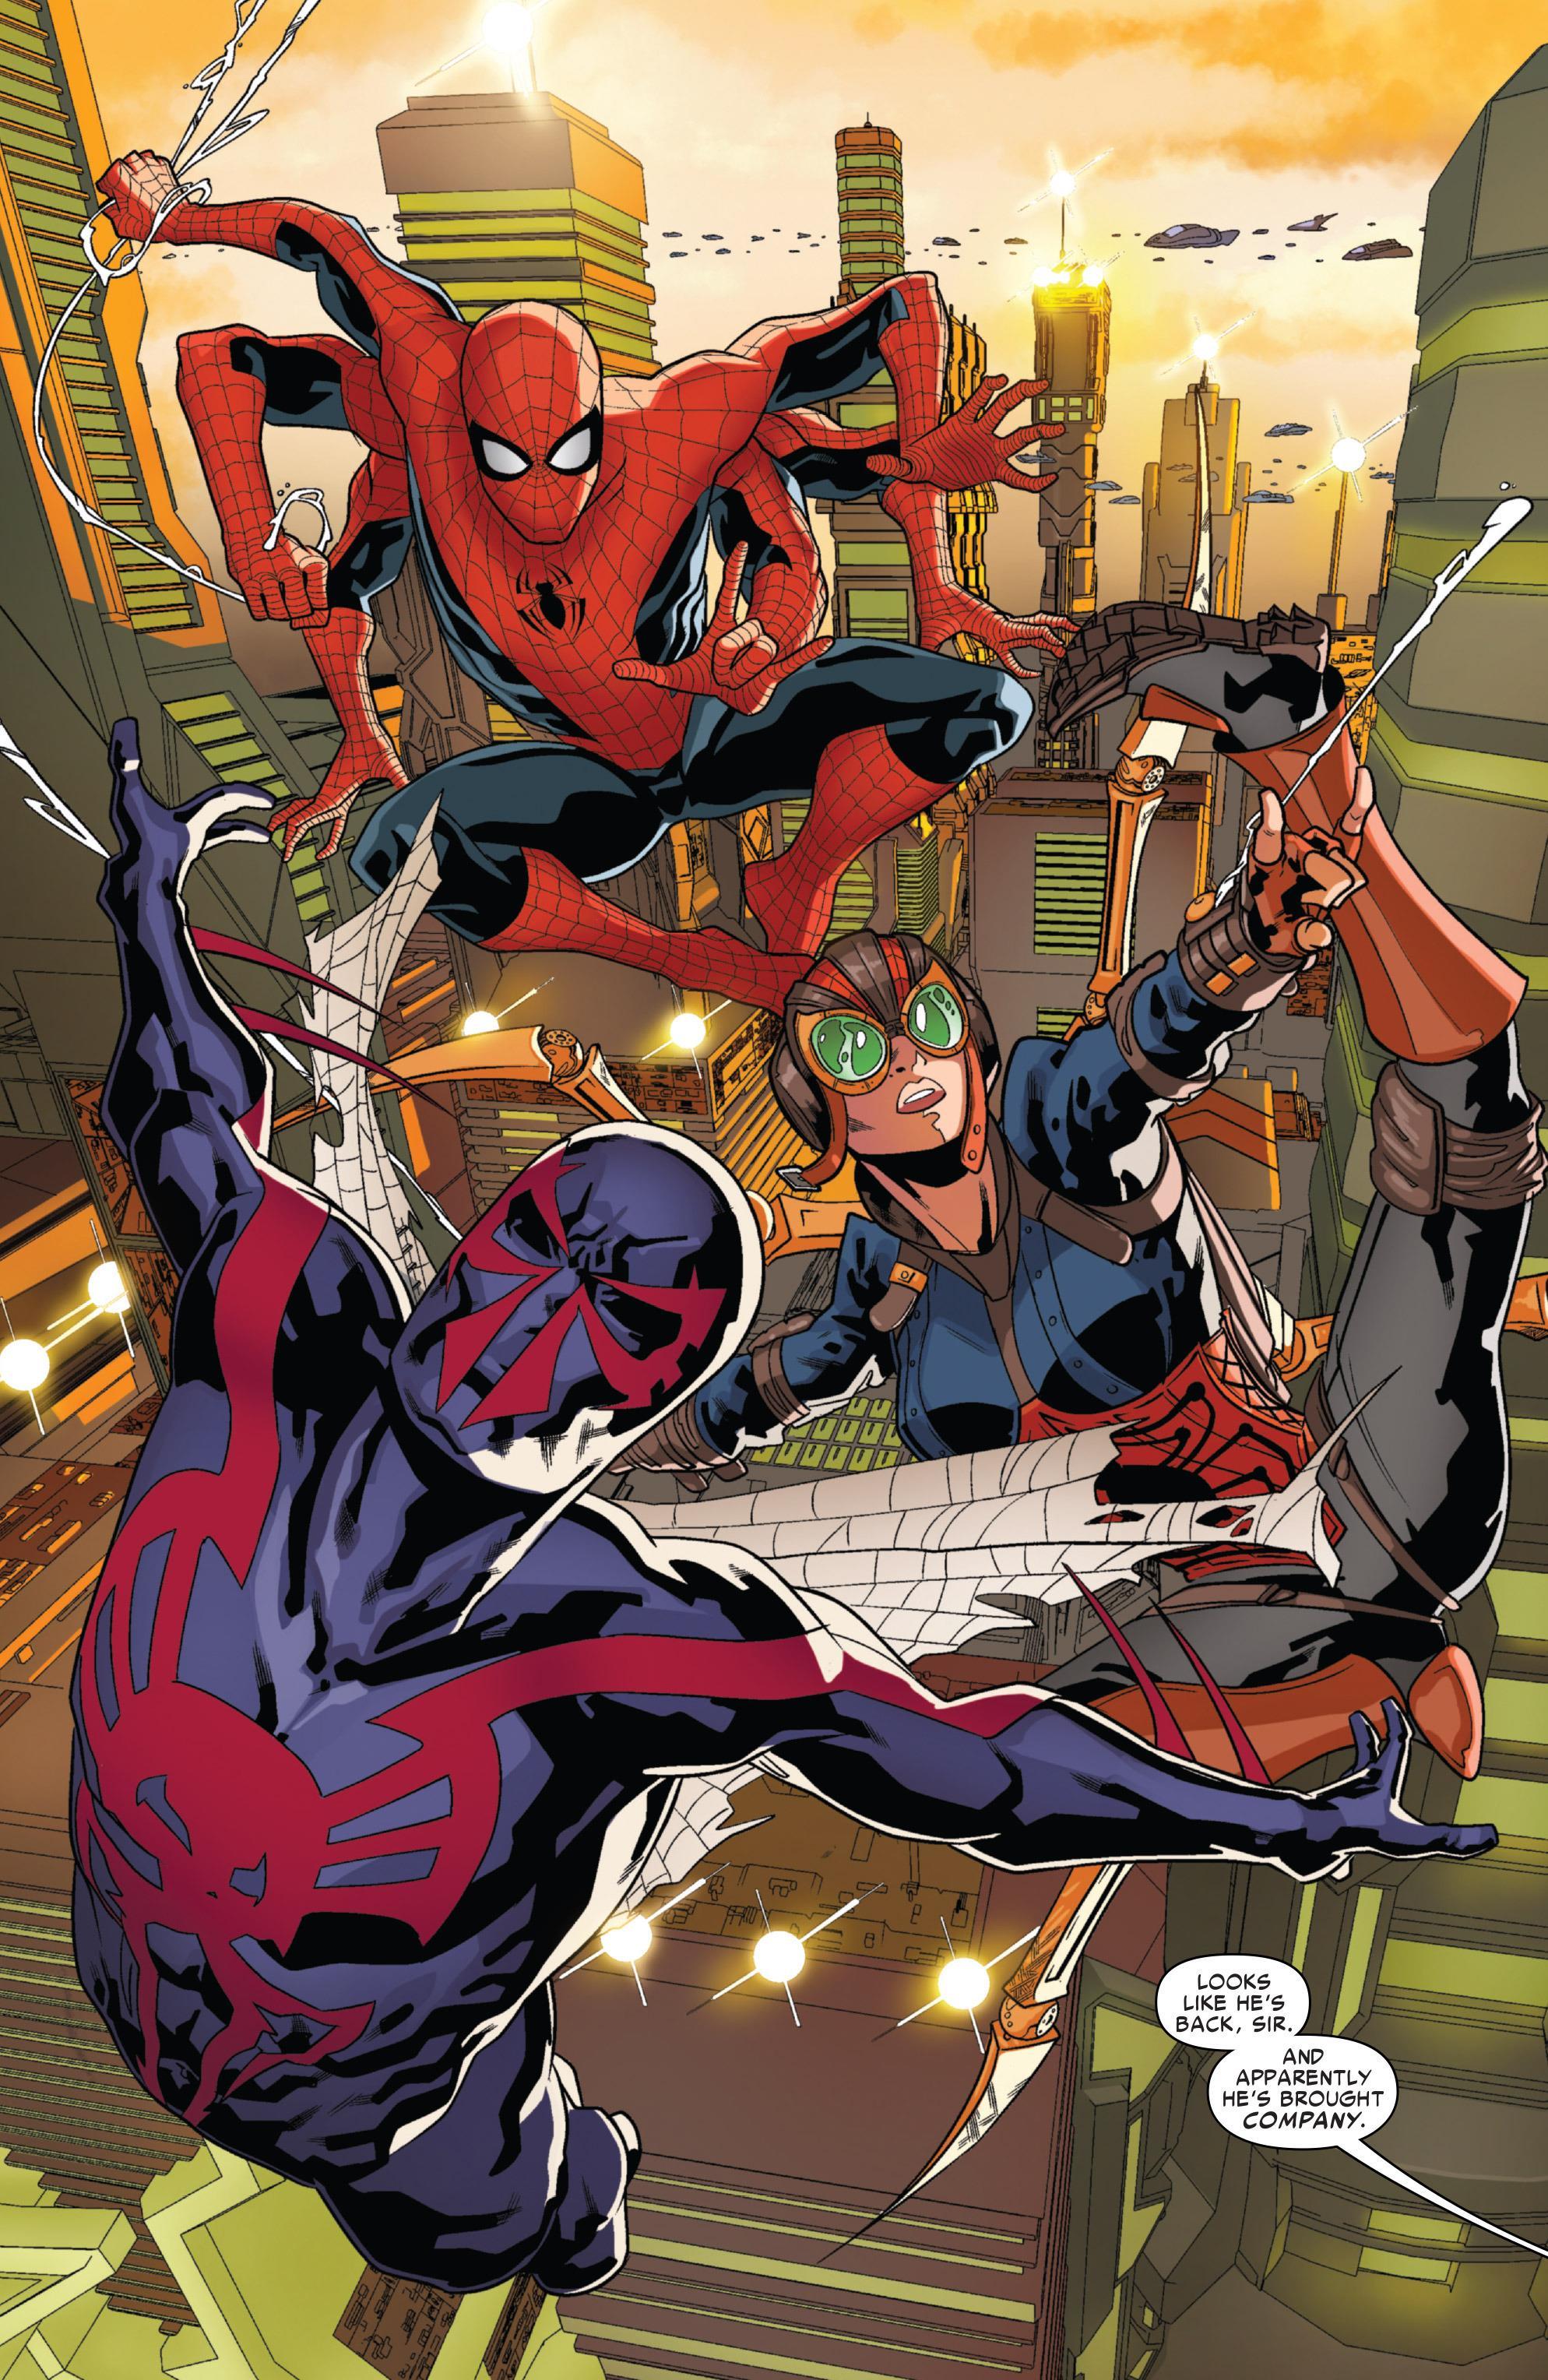 Spider-Man 2099 Spider-Verse review